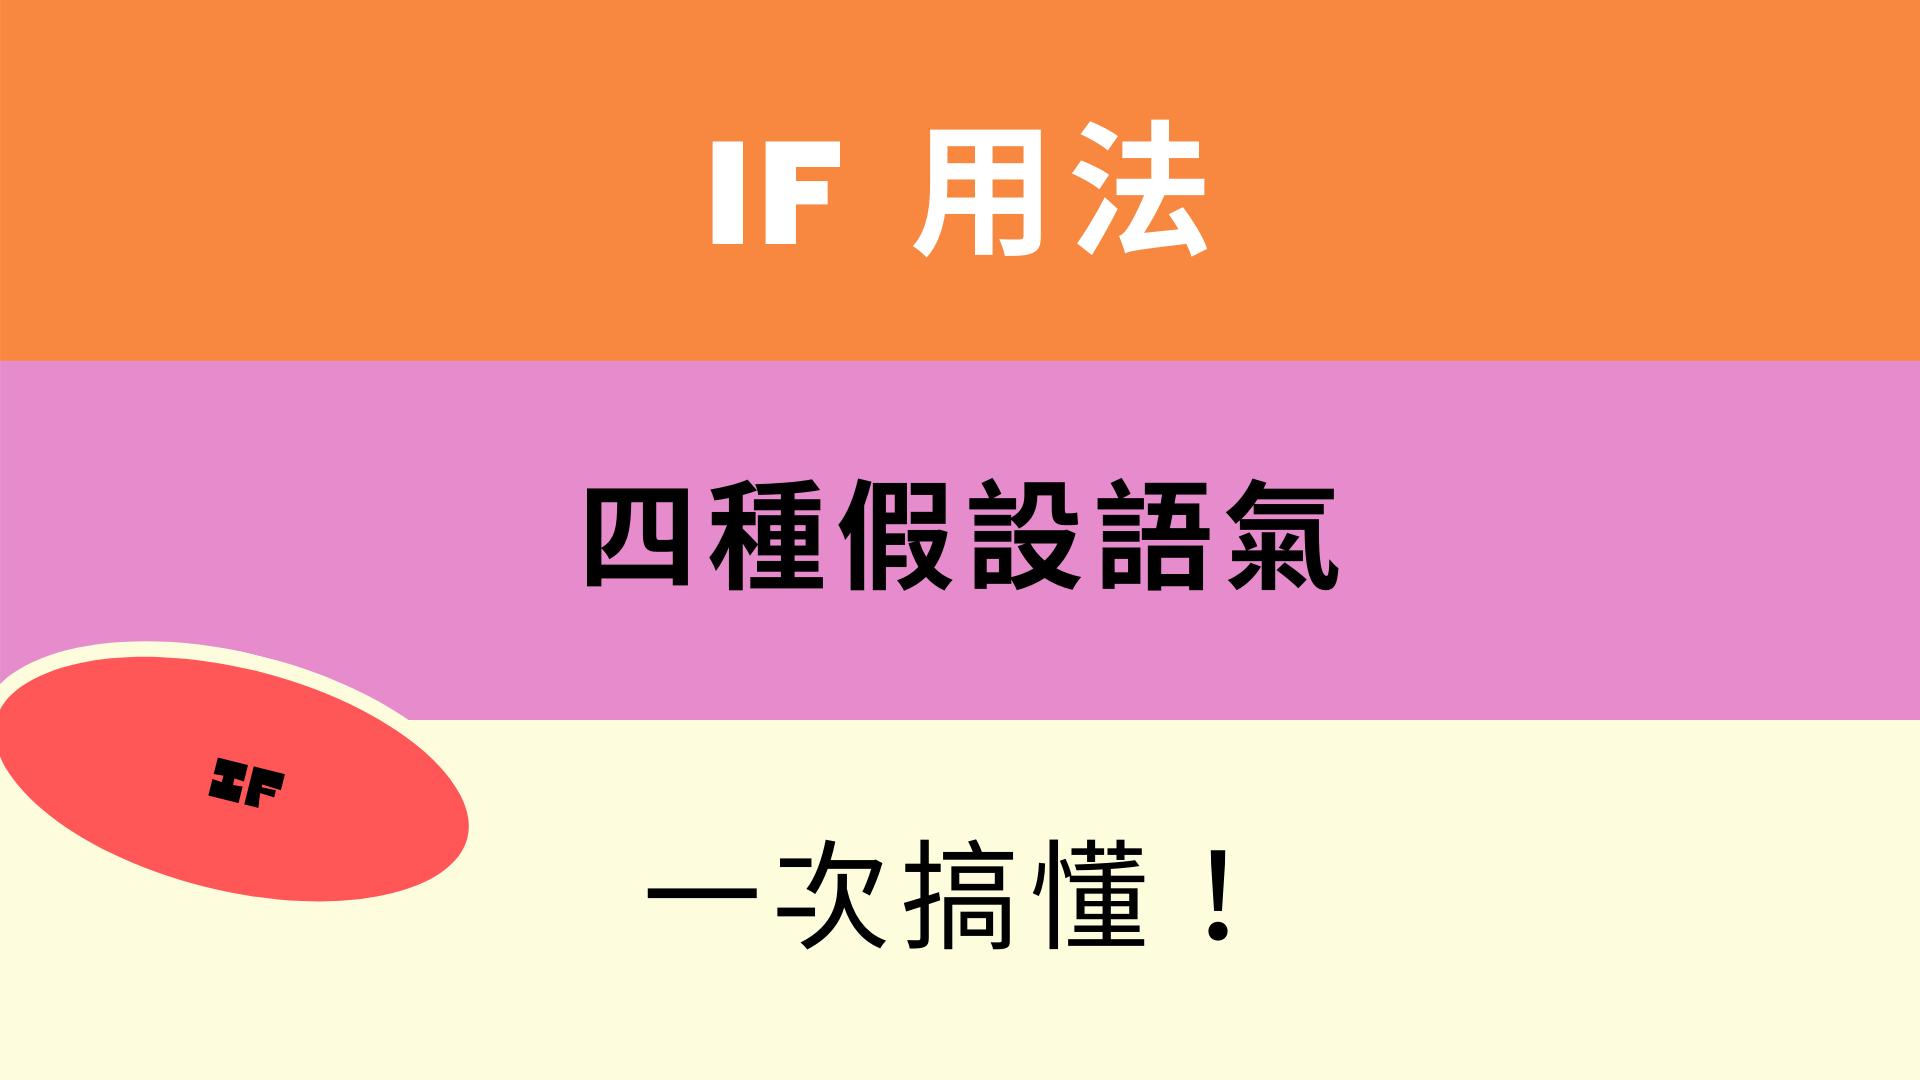 【If 條件句】If 英文用法、四種假設語氣形式,例句教學!